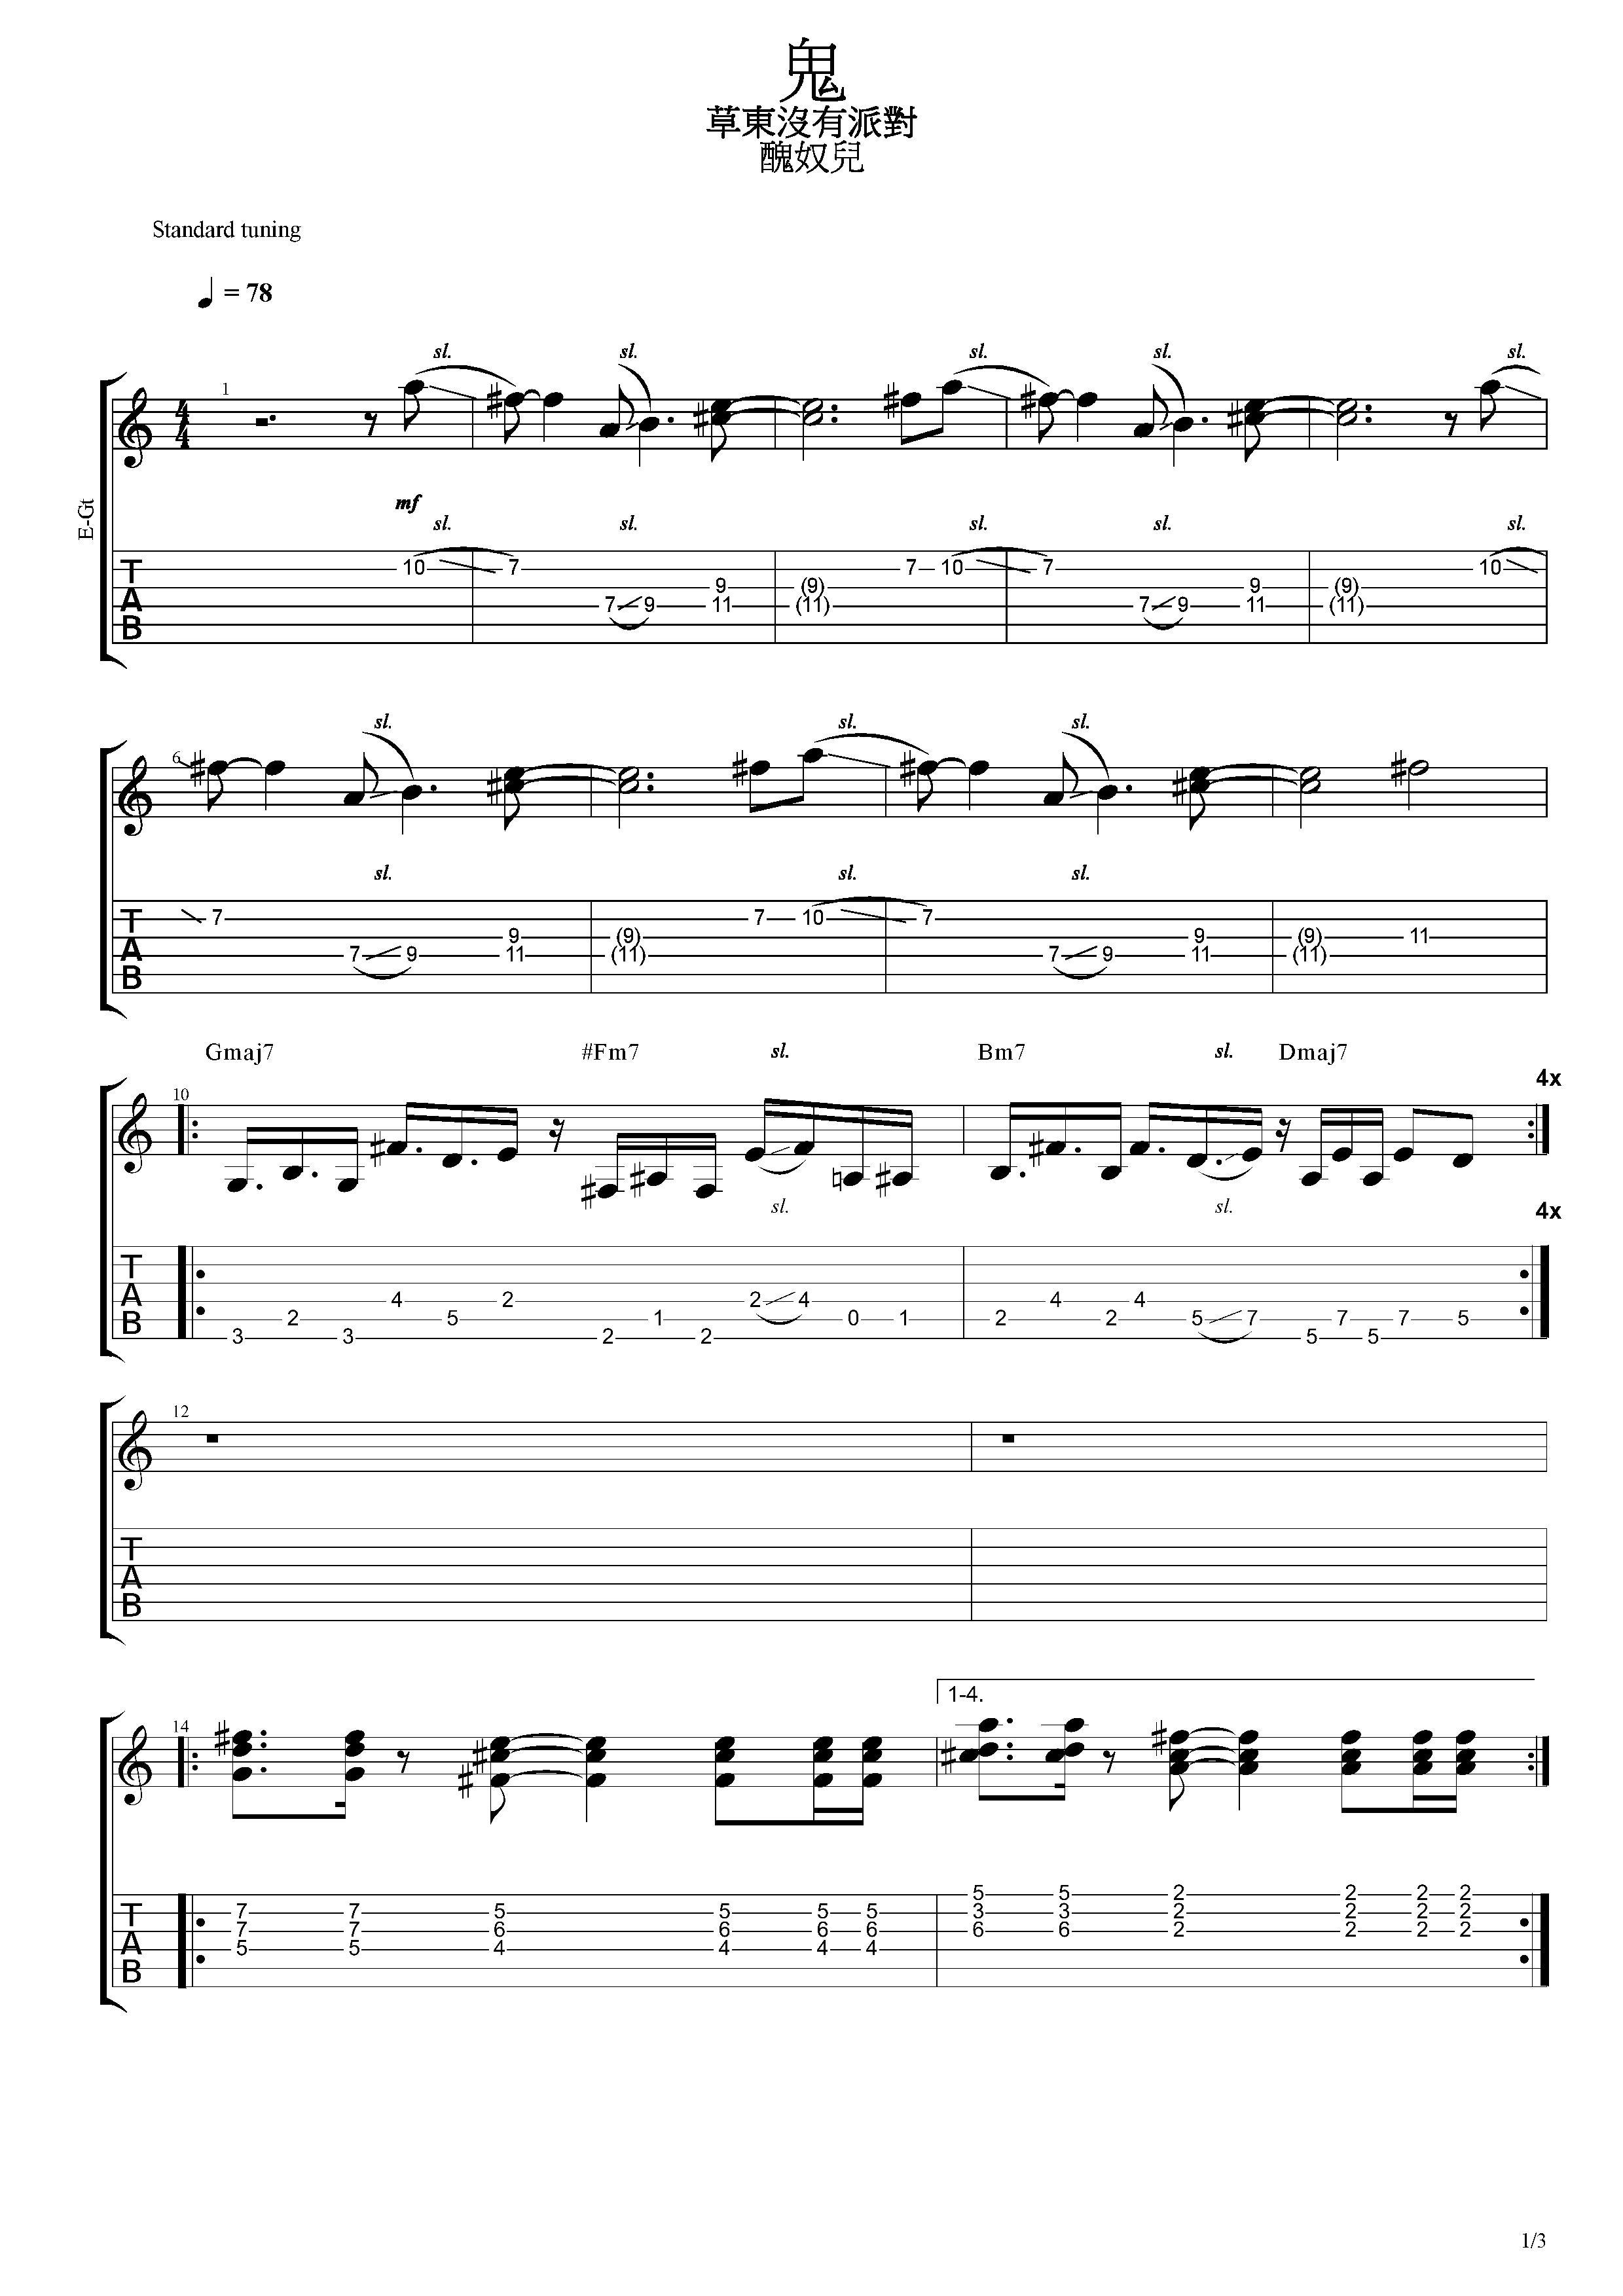 鬼 - 草東沒有派對 - 吉他譜 - Chord4